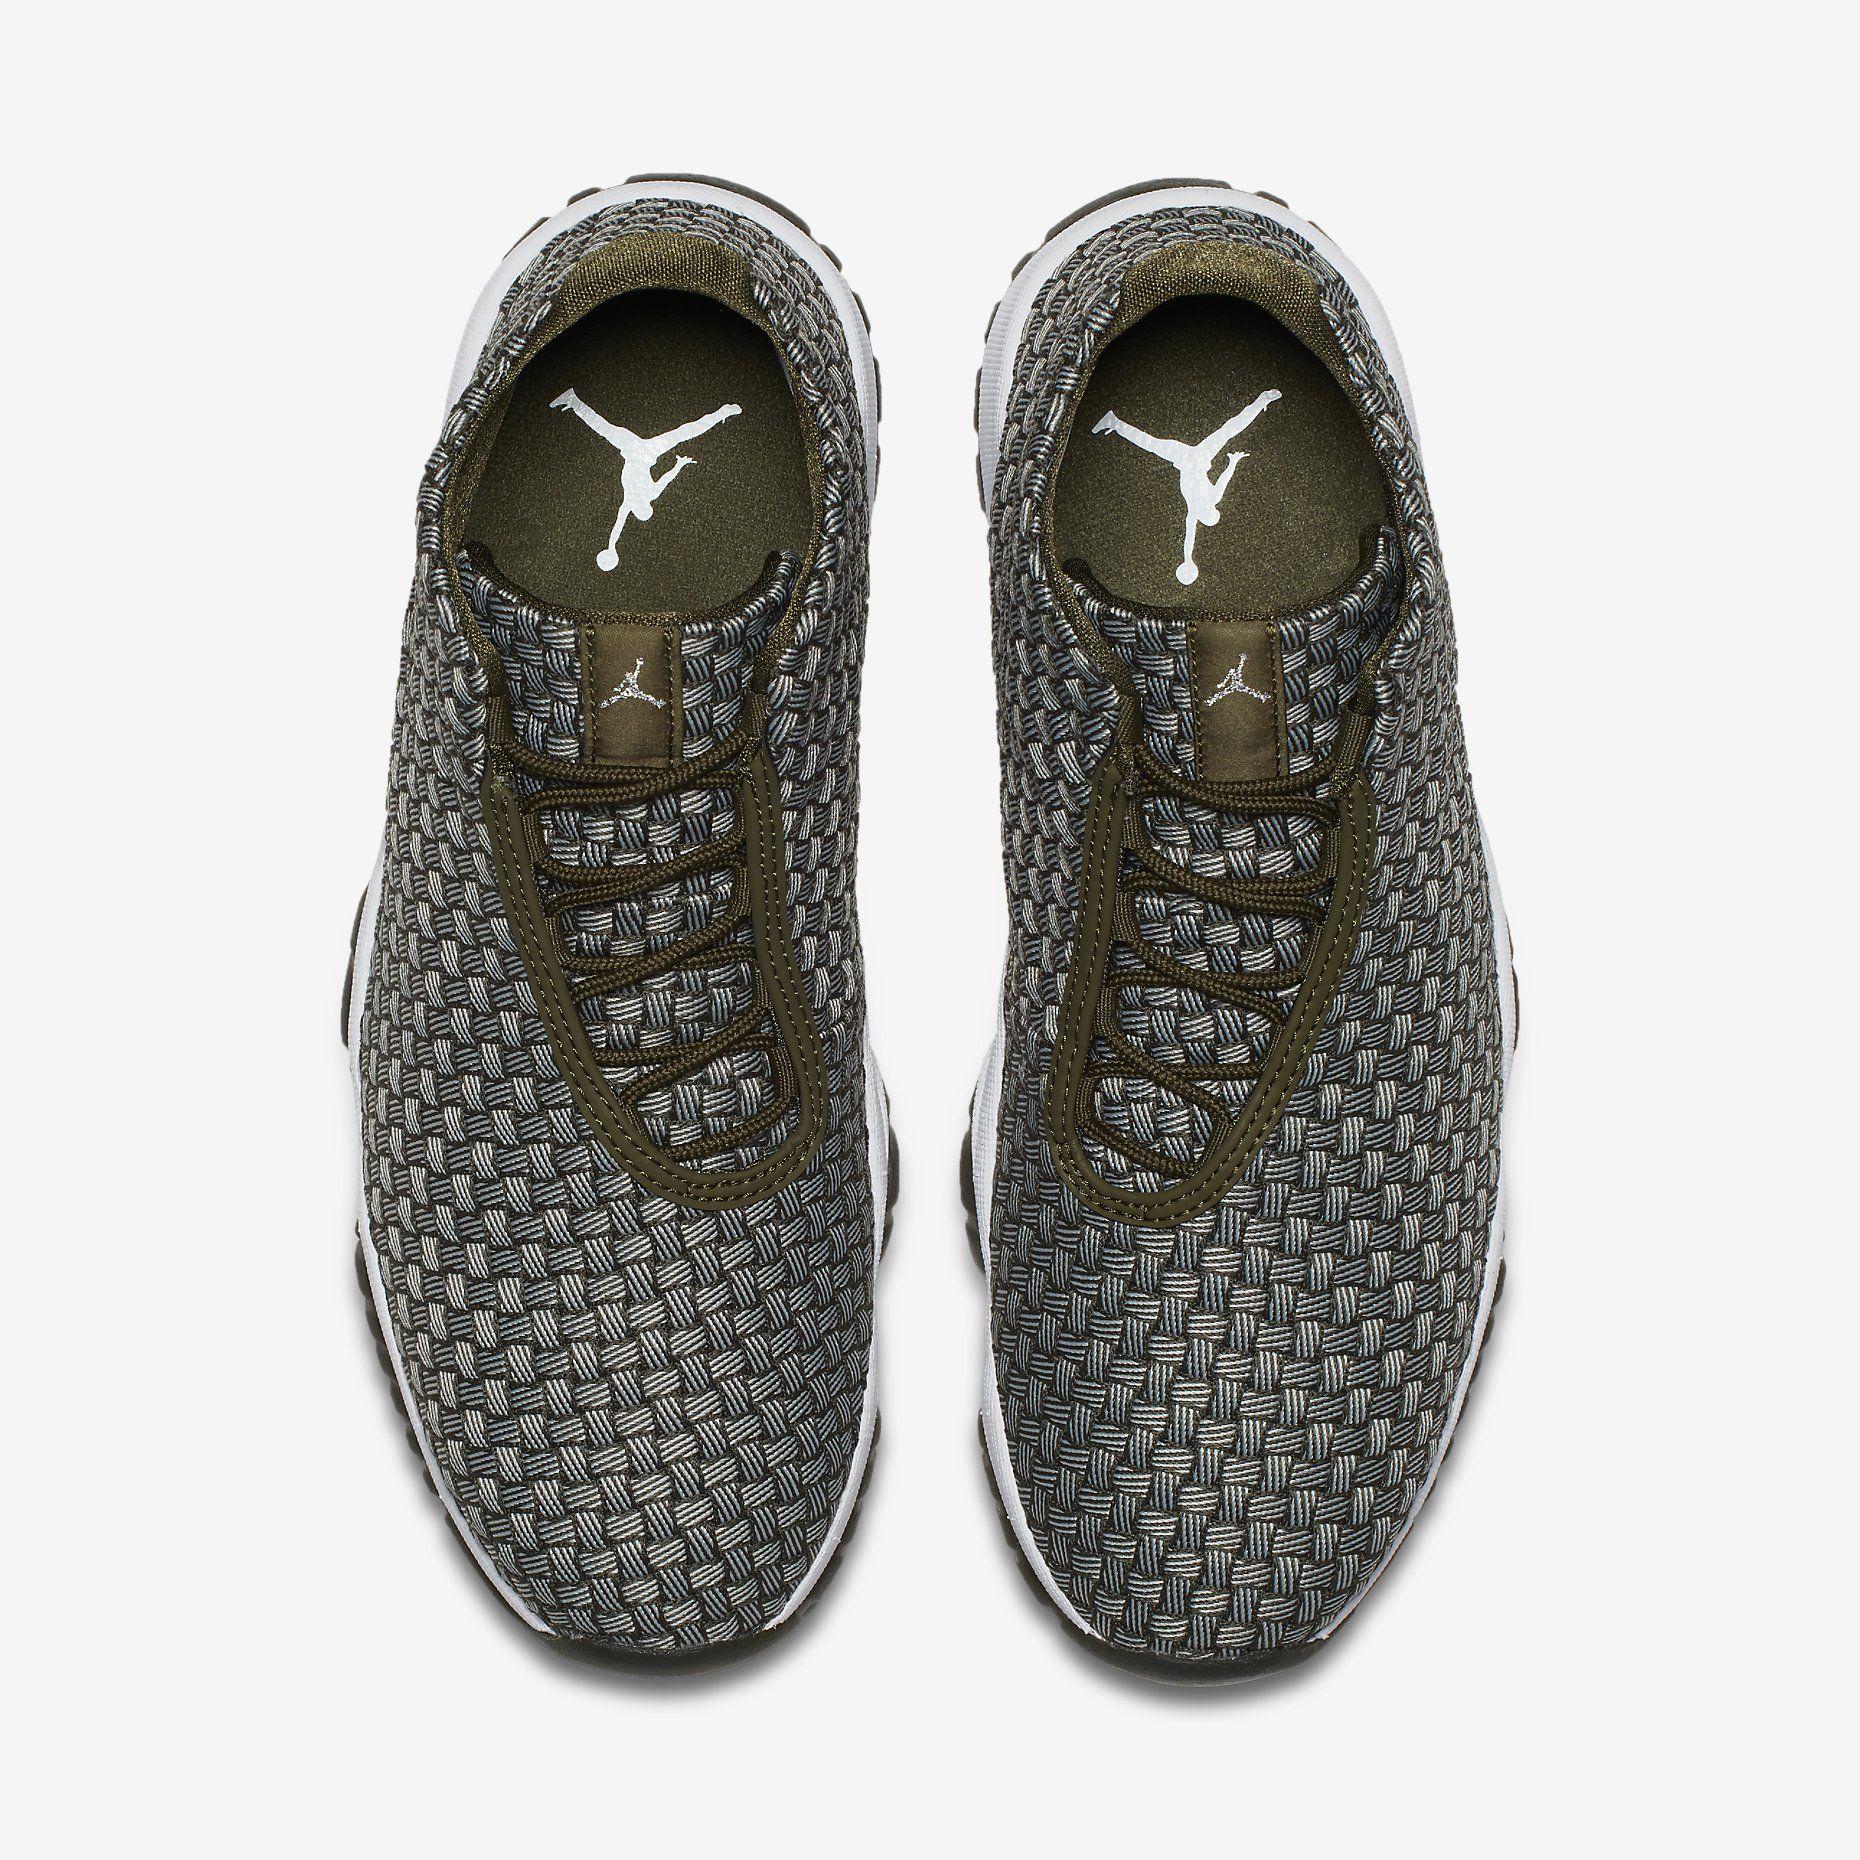 13c88c0cfb6c8a PRODUCT DETAILS. The Air Jordan Future Men s Shoe ...